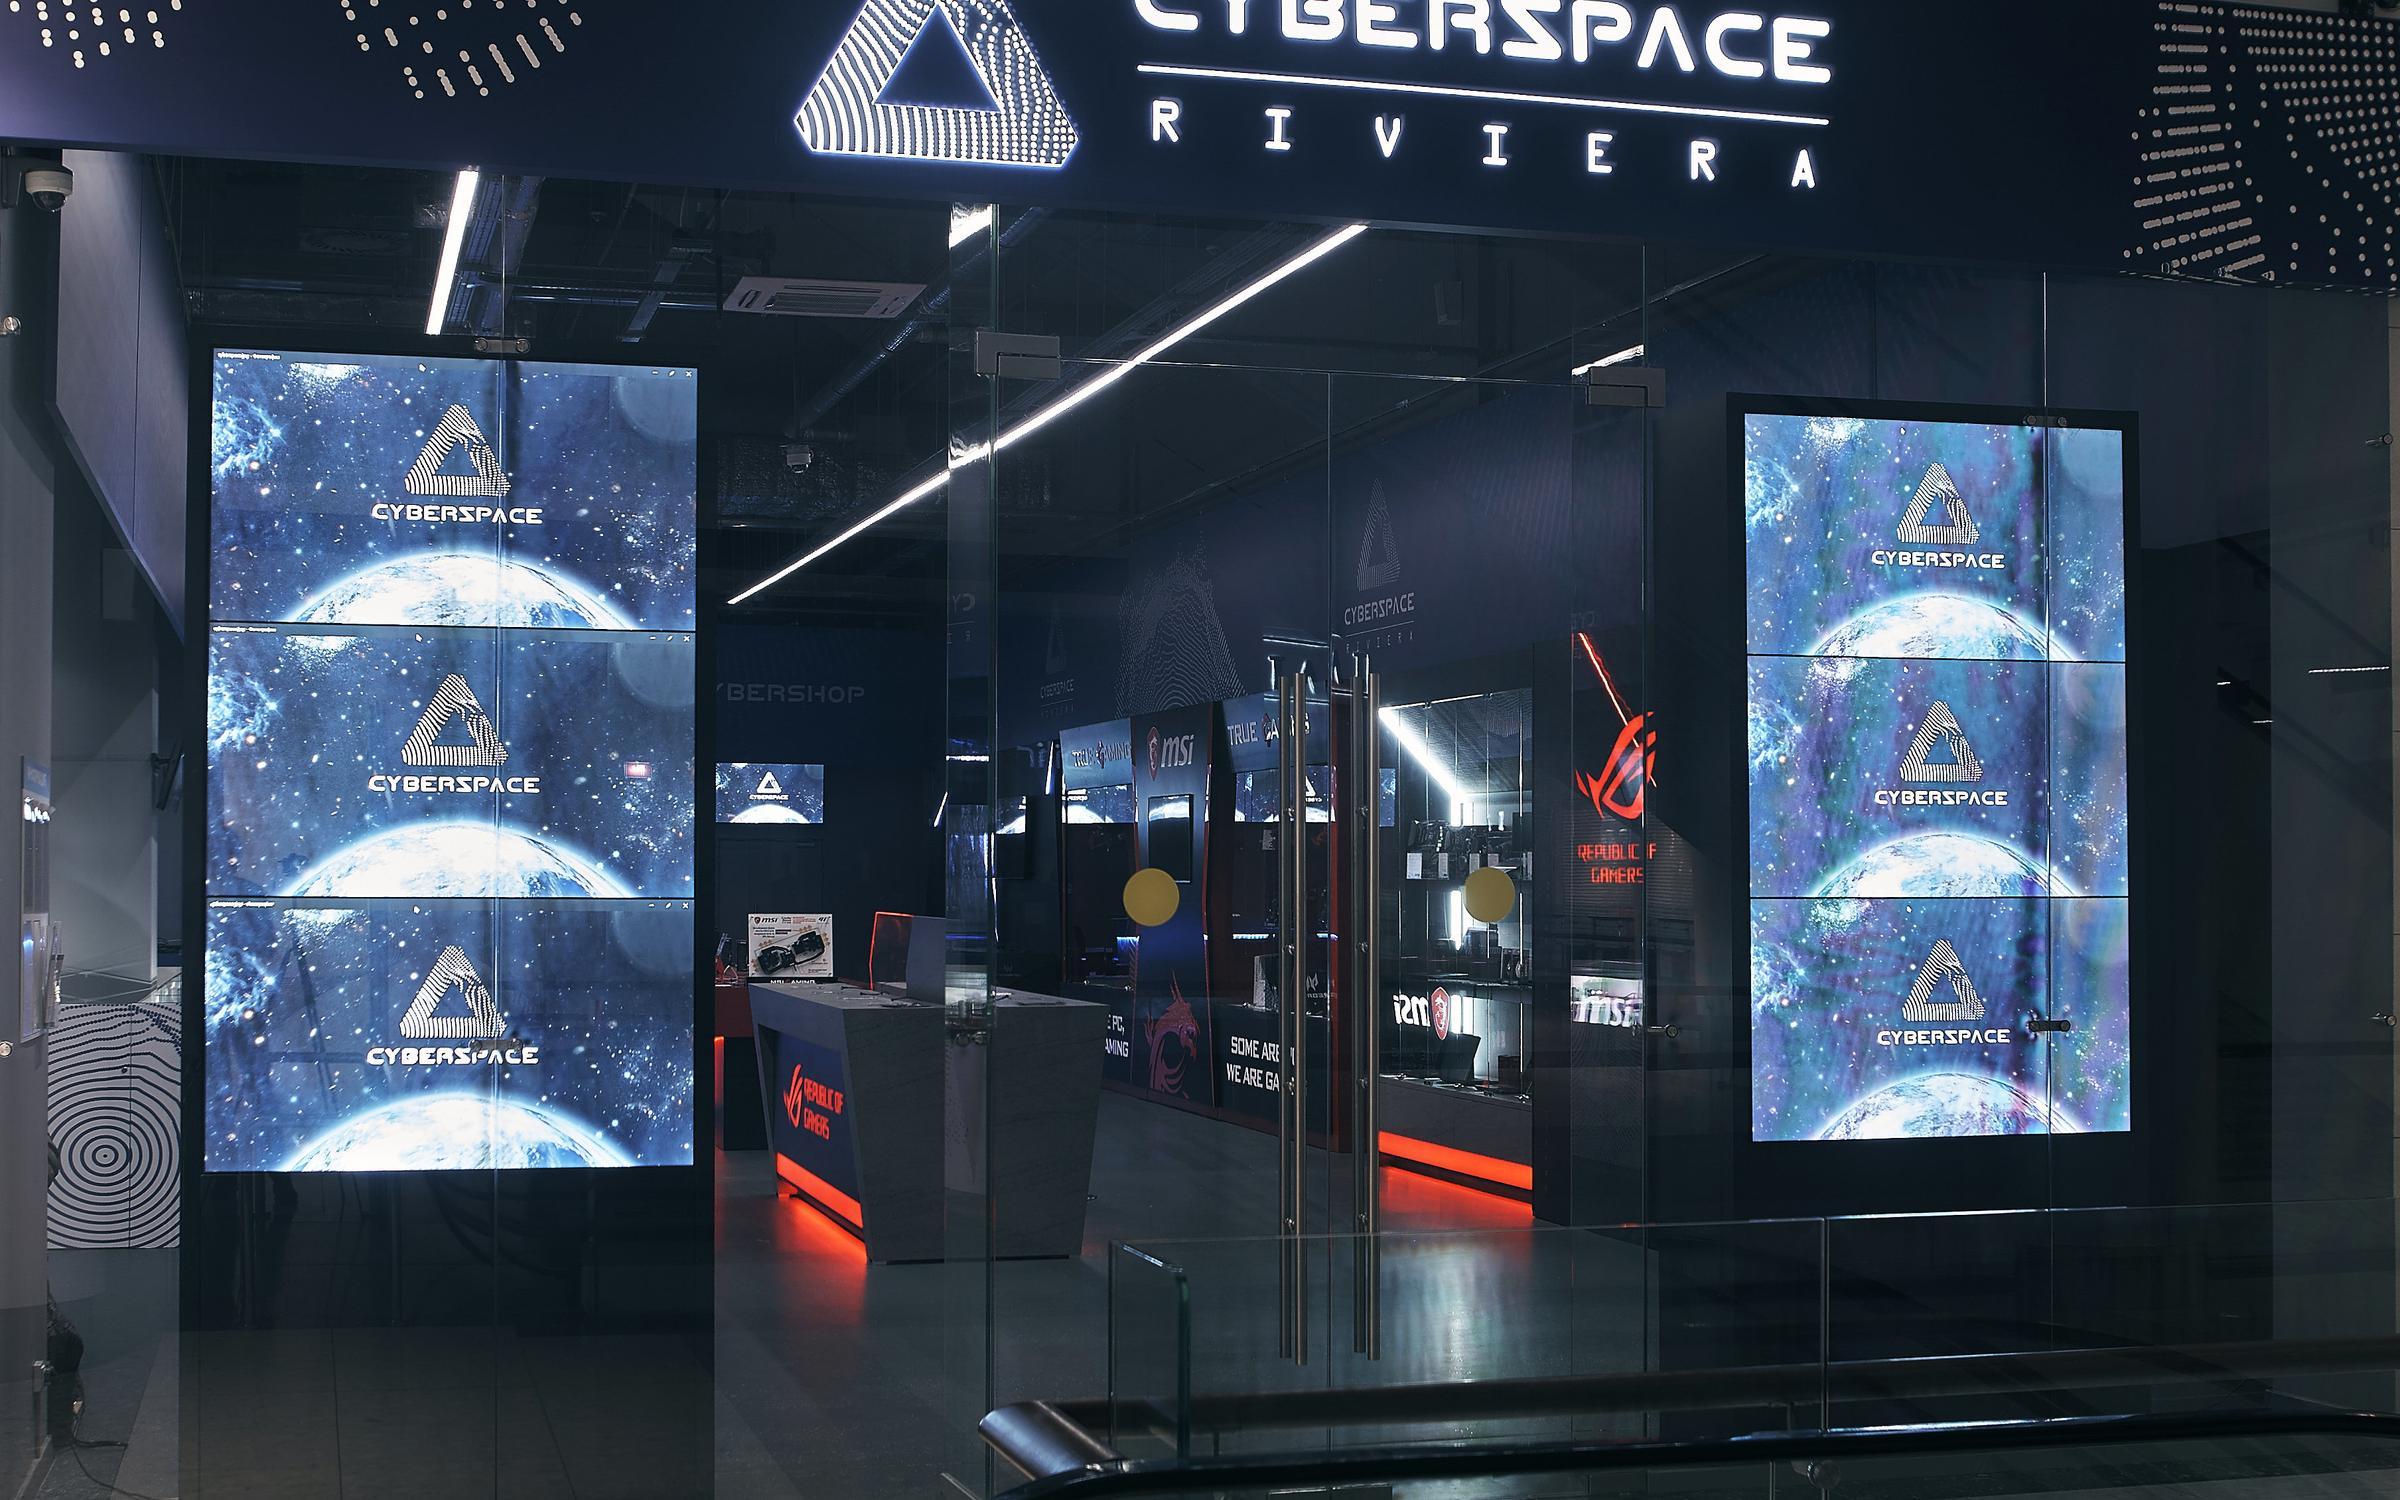 фотография Интерактивно-развлекательного центра Cyberspace на Автозаводской улице